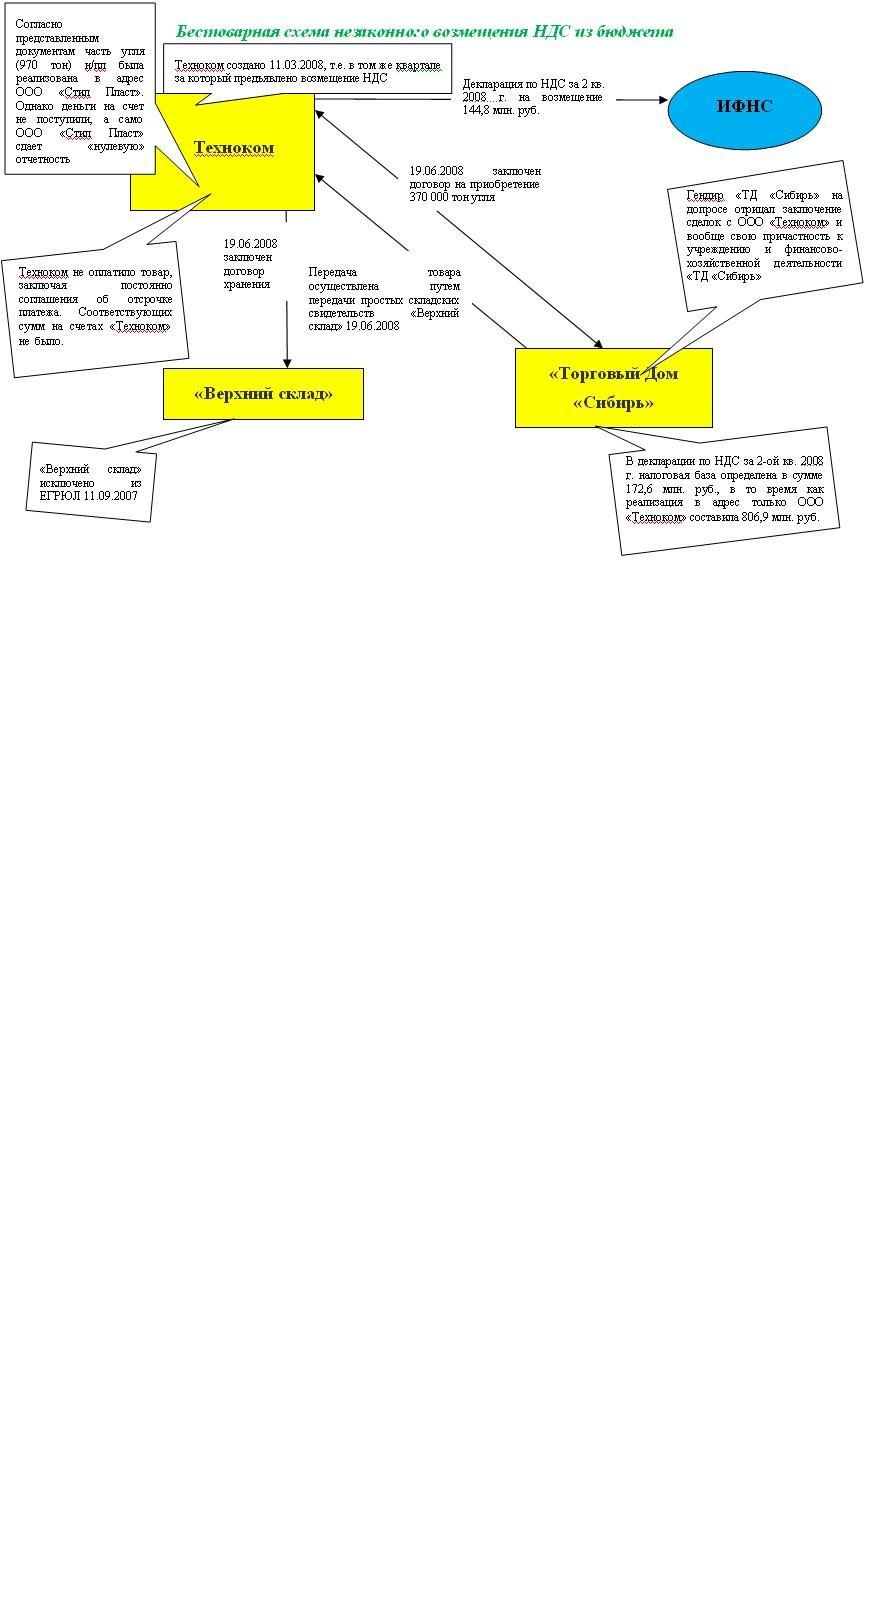 Схема работы организации с ндс с организацией без ндс